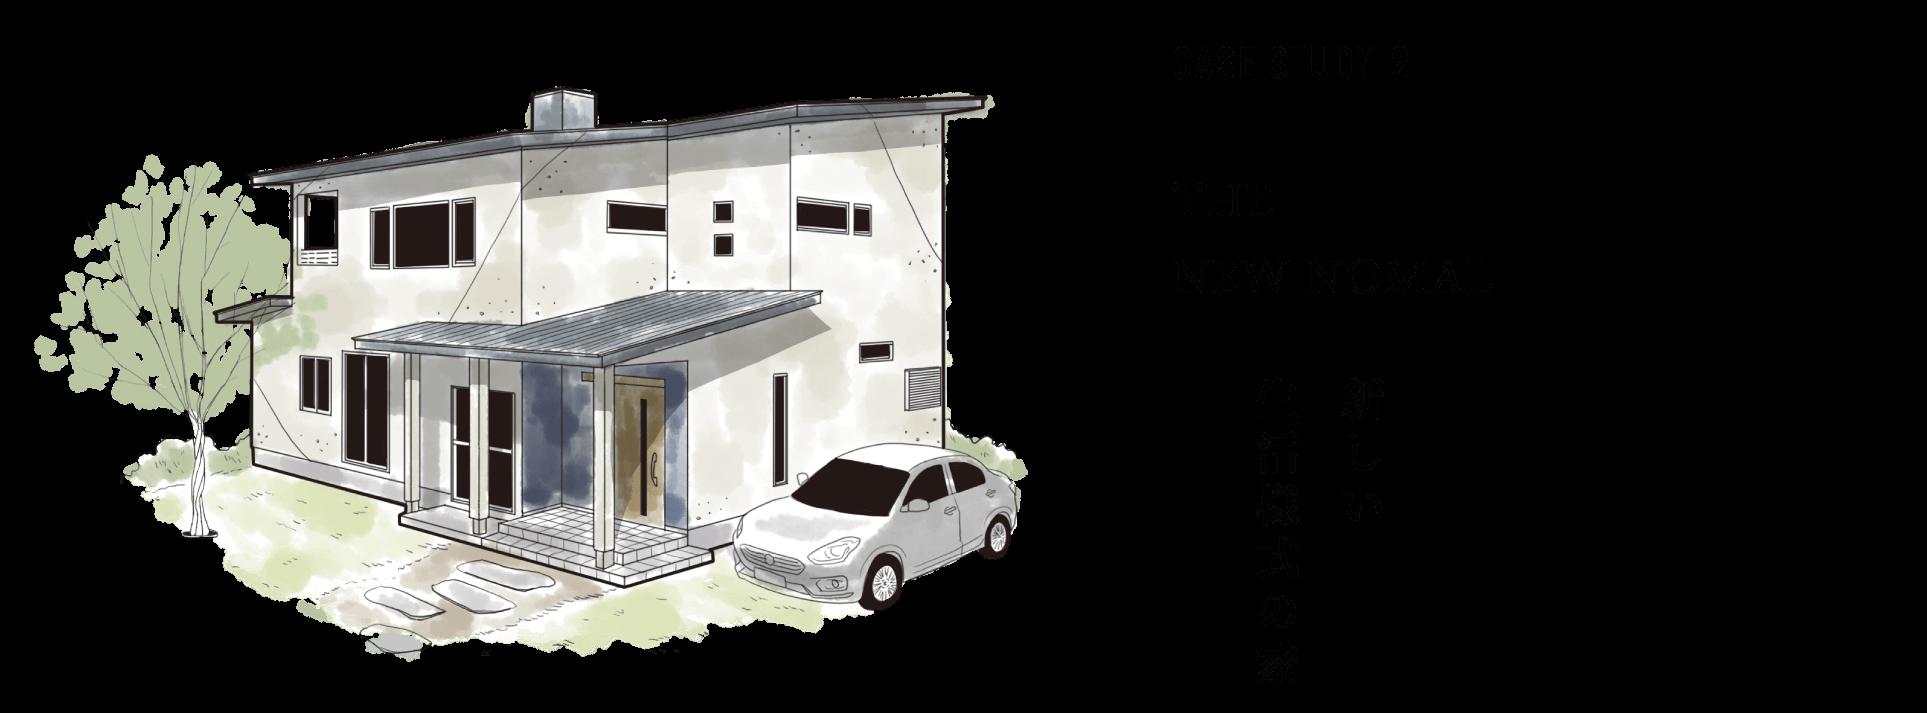 新しい生活様式の家